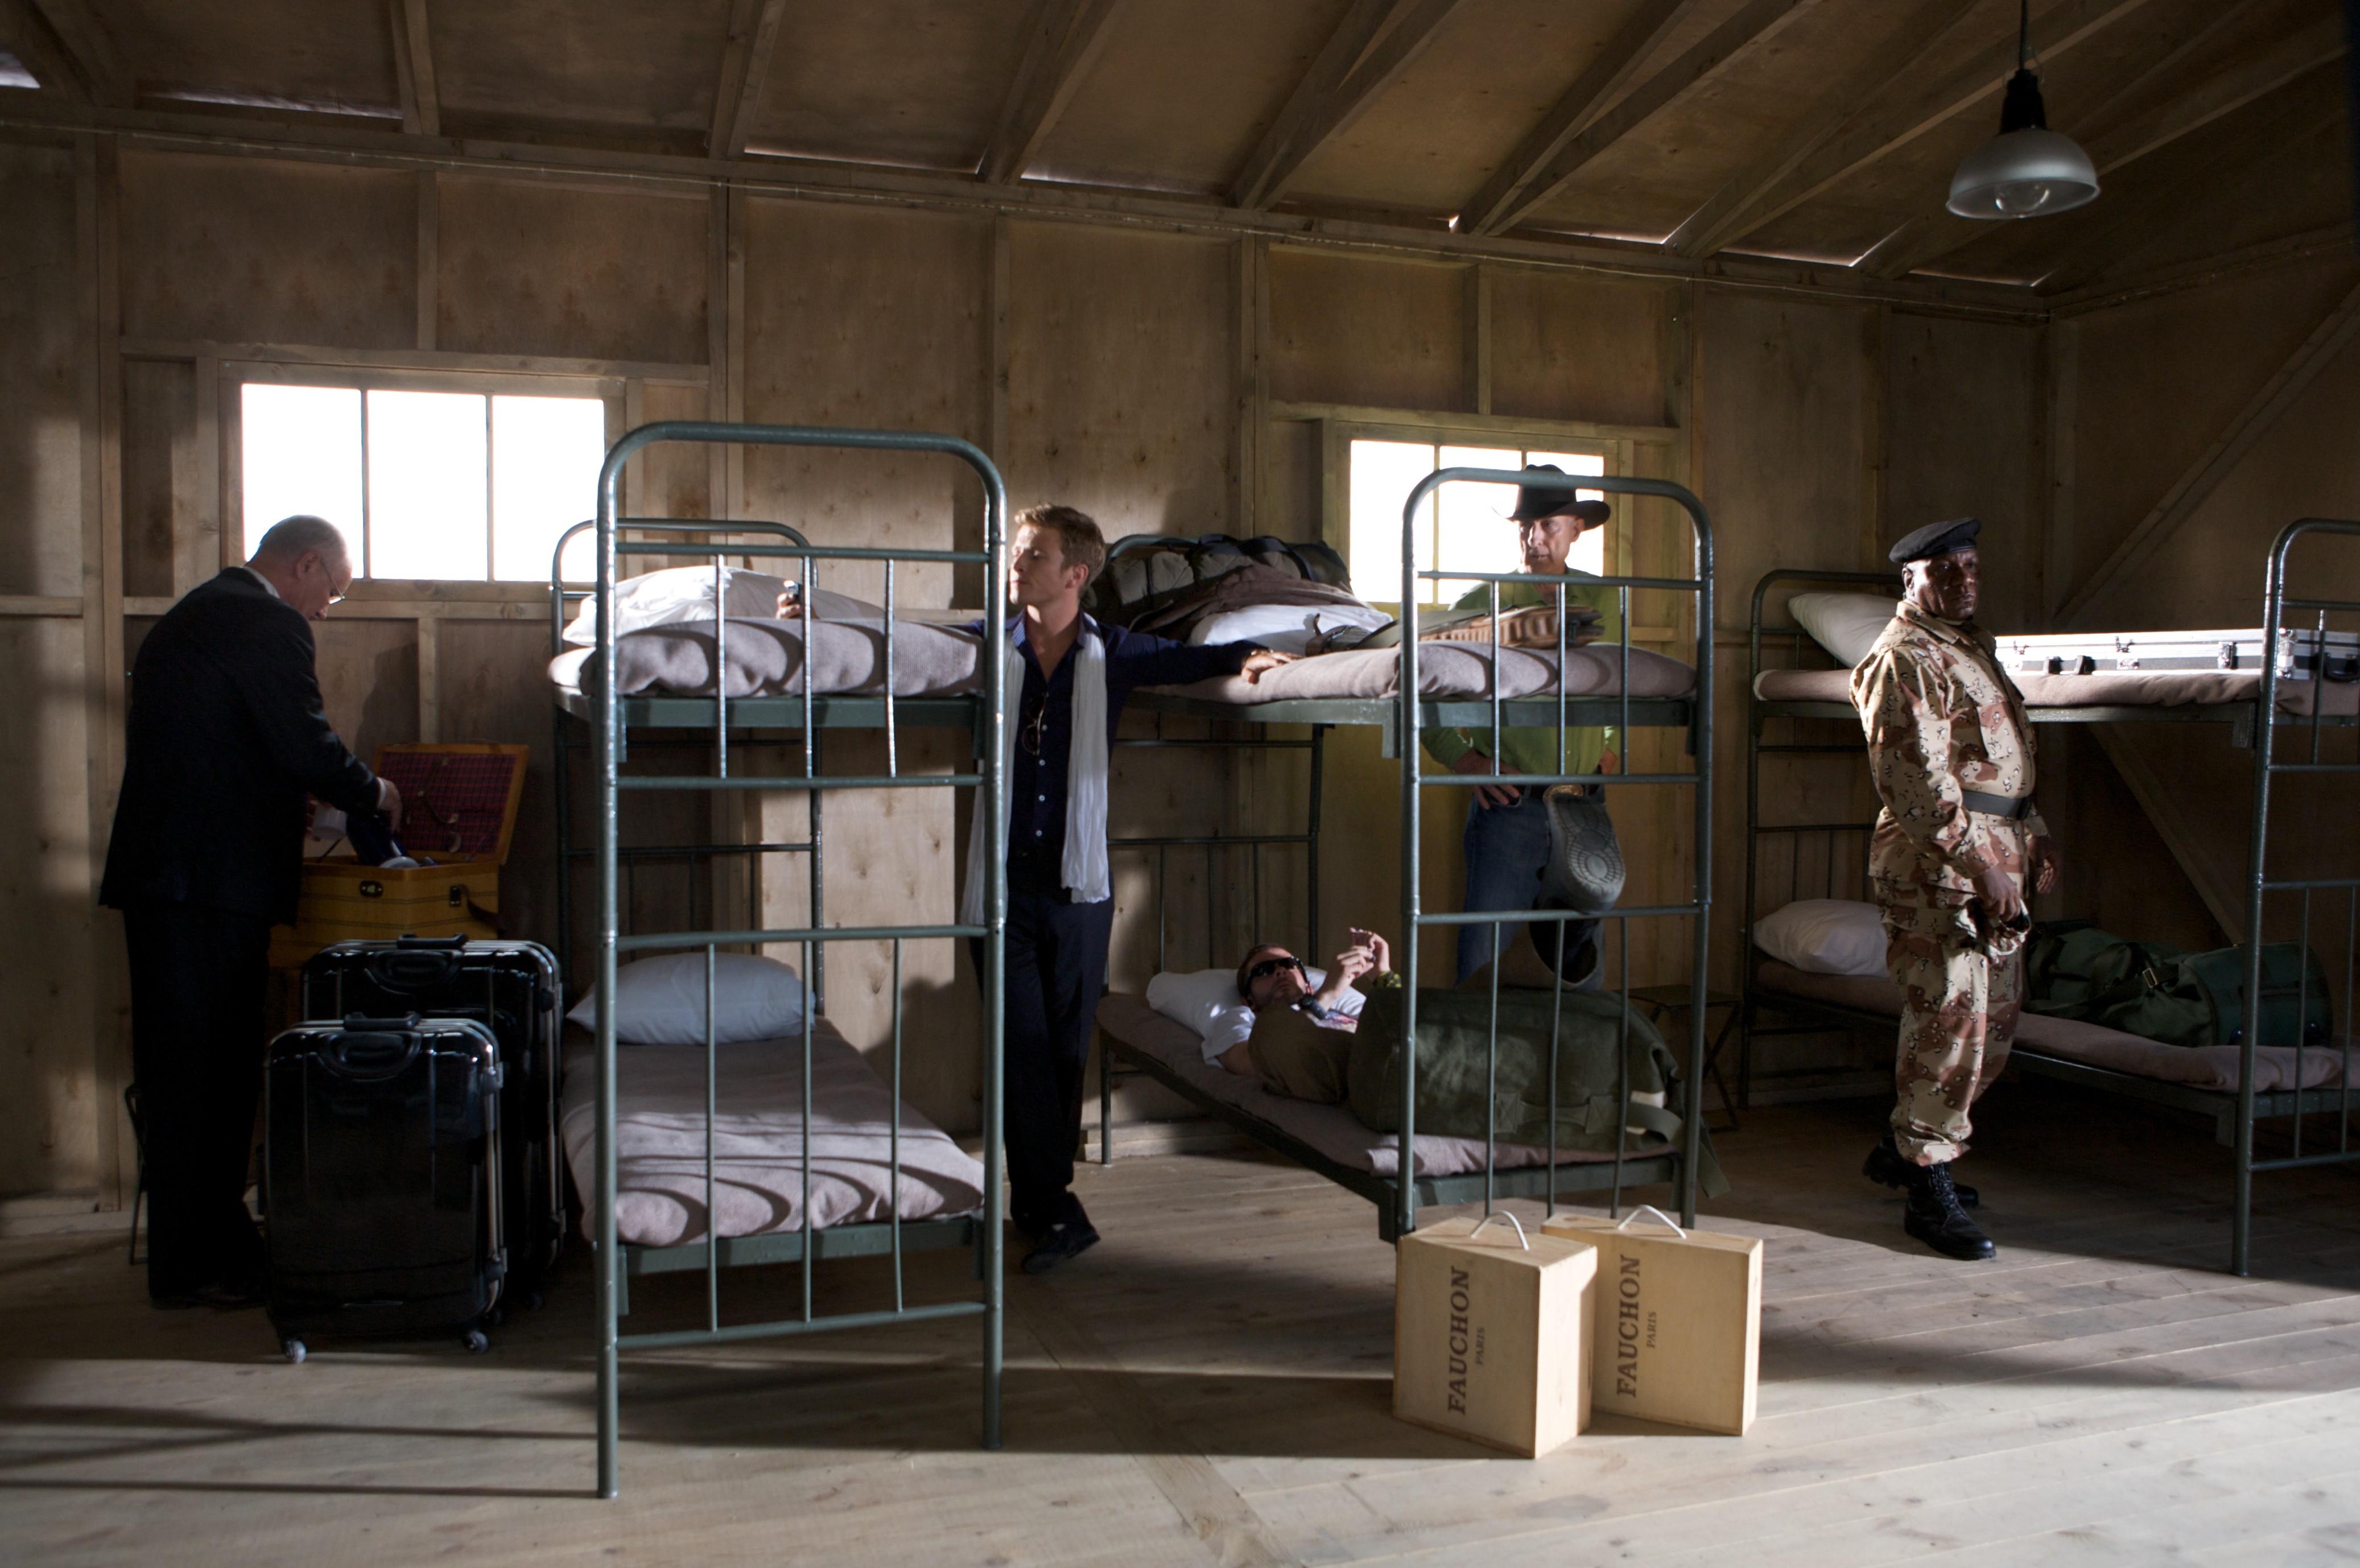 кадры из фильма Солдаты удачи Чарли Бьюли, Доминик Монахан, Джеймс Кромвелл, Винг Рэймс,